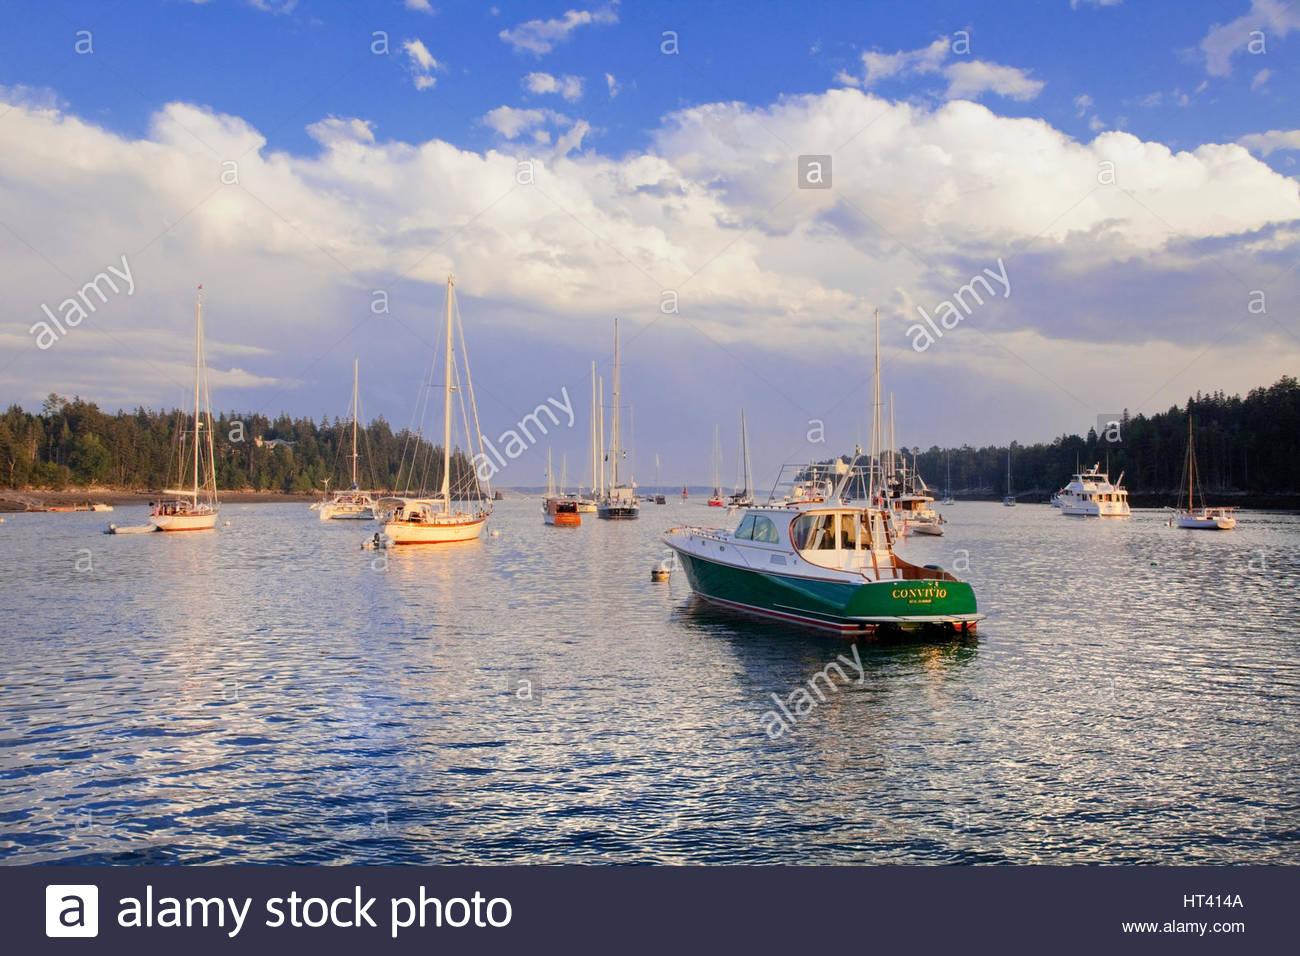 0902-1010 bateaux amarrés dans le nord-est de l'Harbor, Maine. Photo Stock